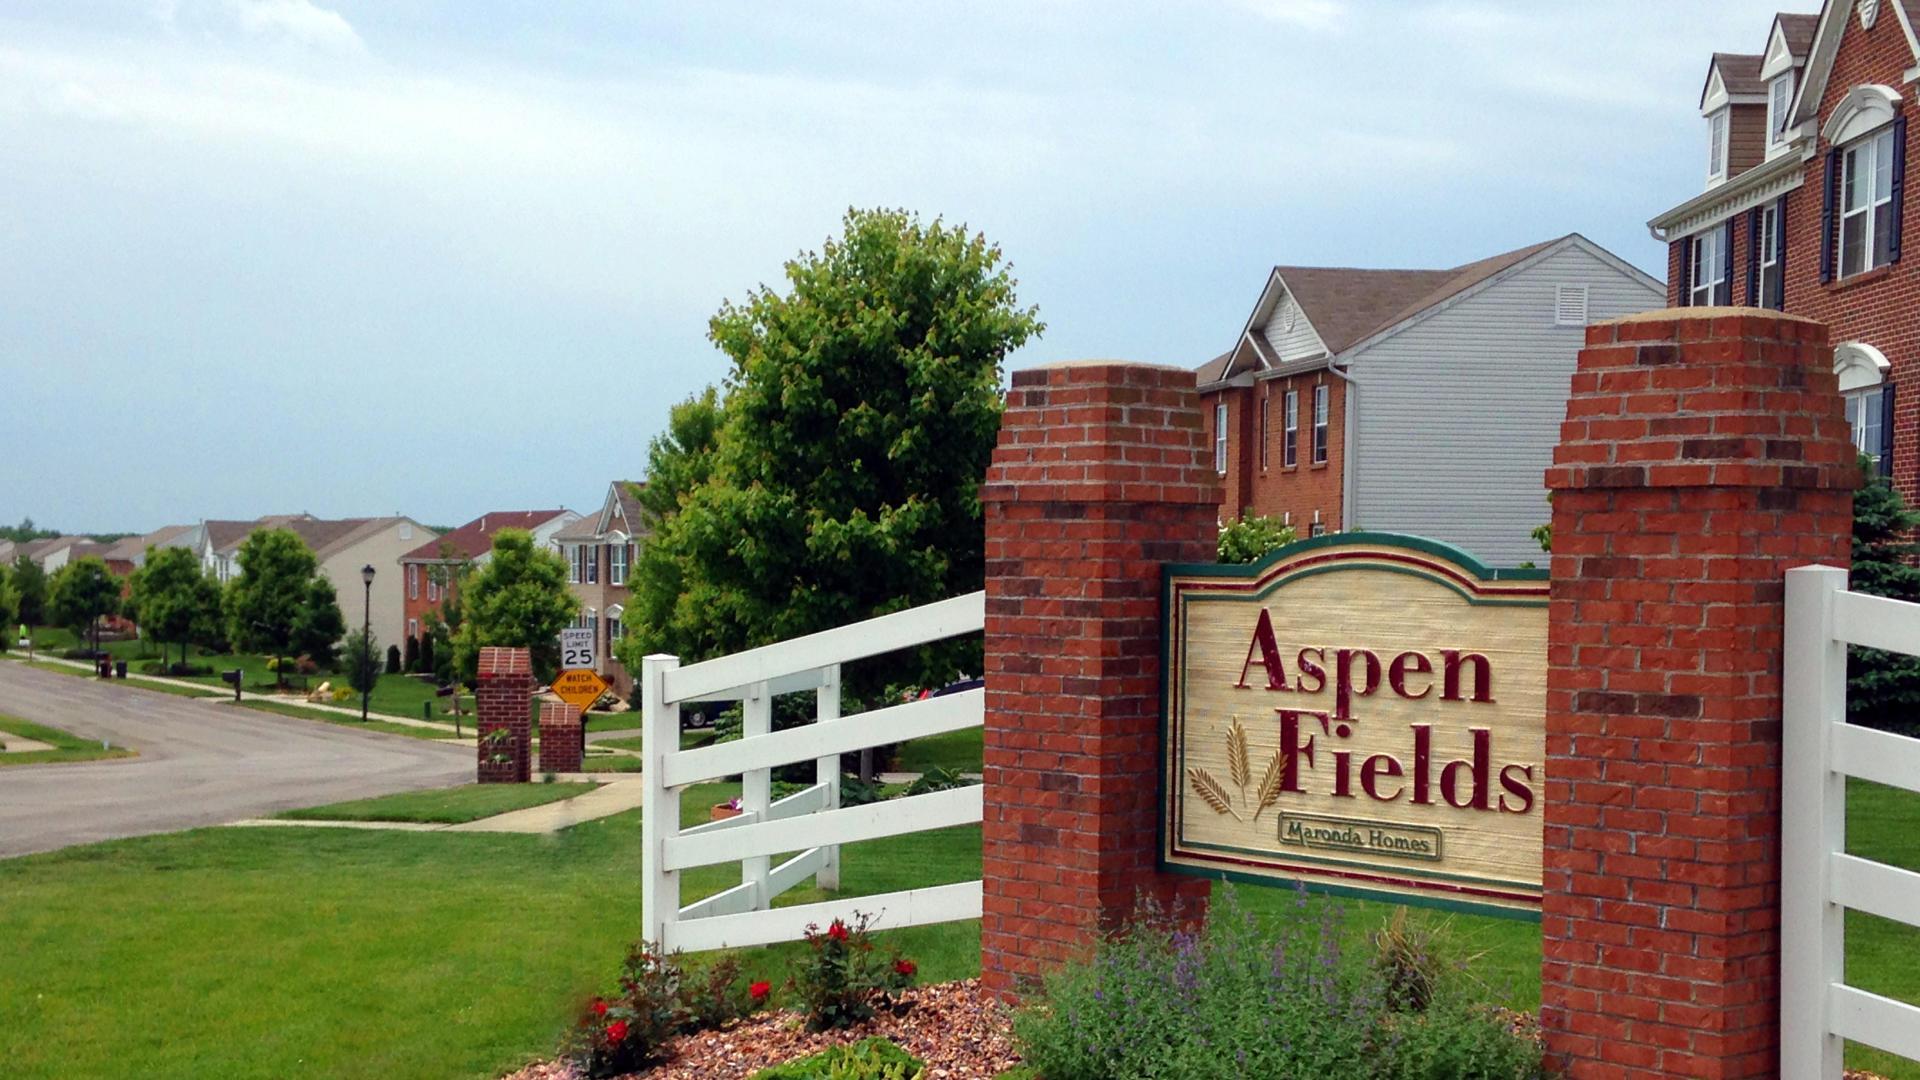 Aspen Fields,15009